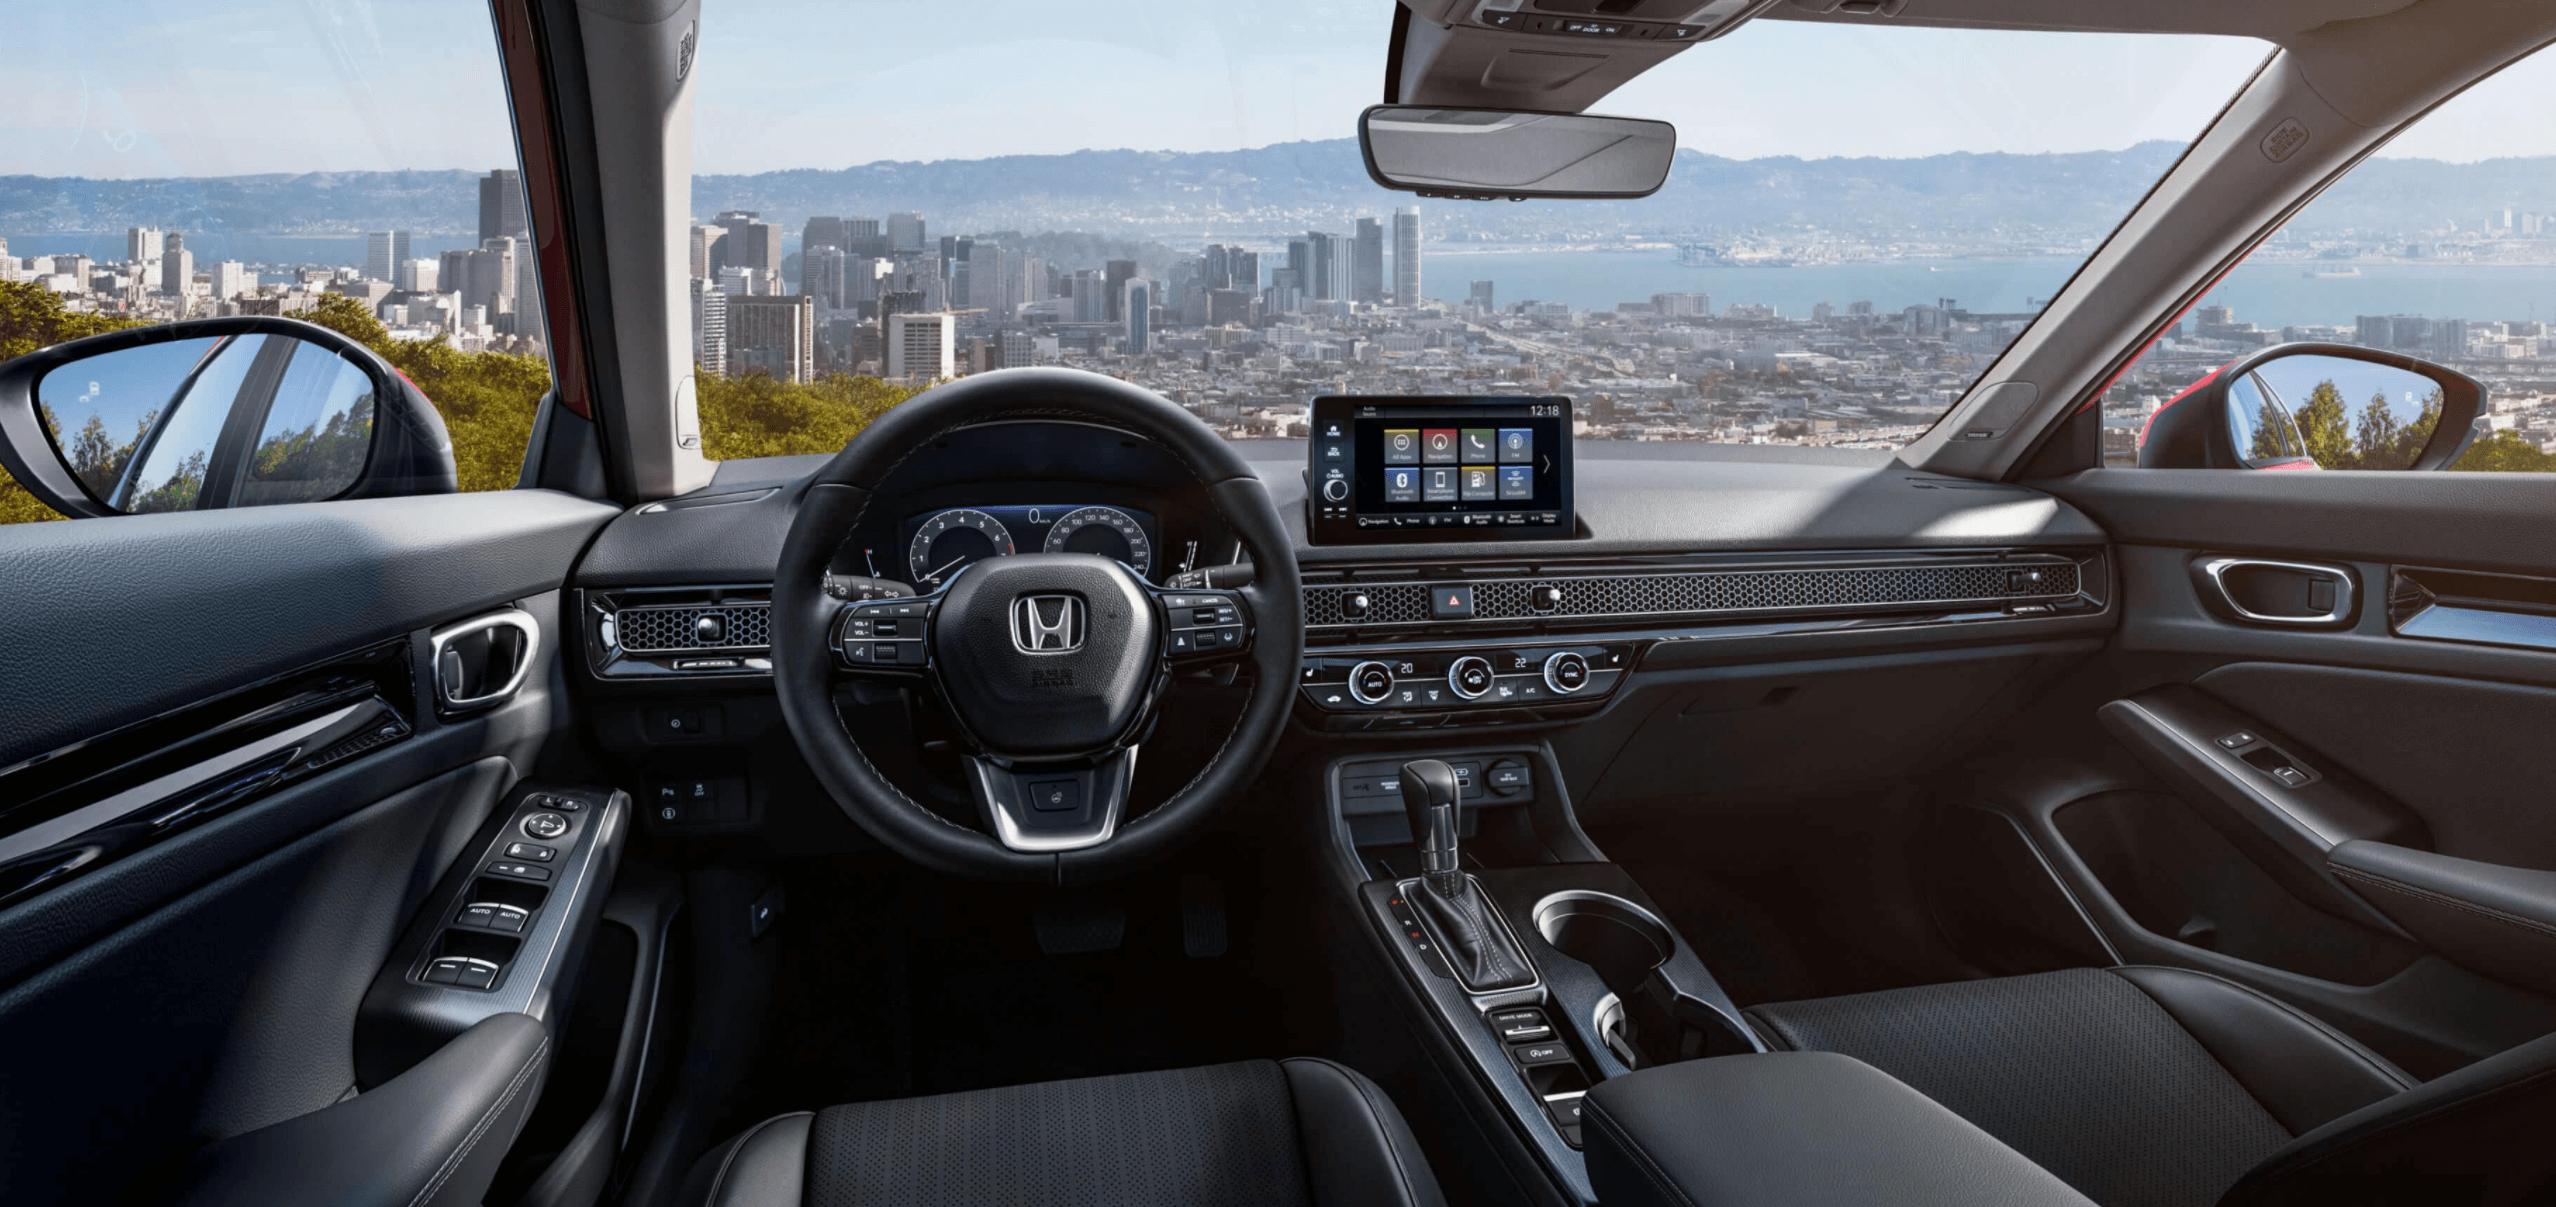 2022 Honda Civic at Richmond Hill Honda in Toronto and the GTA